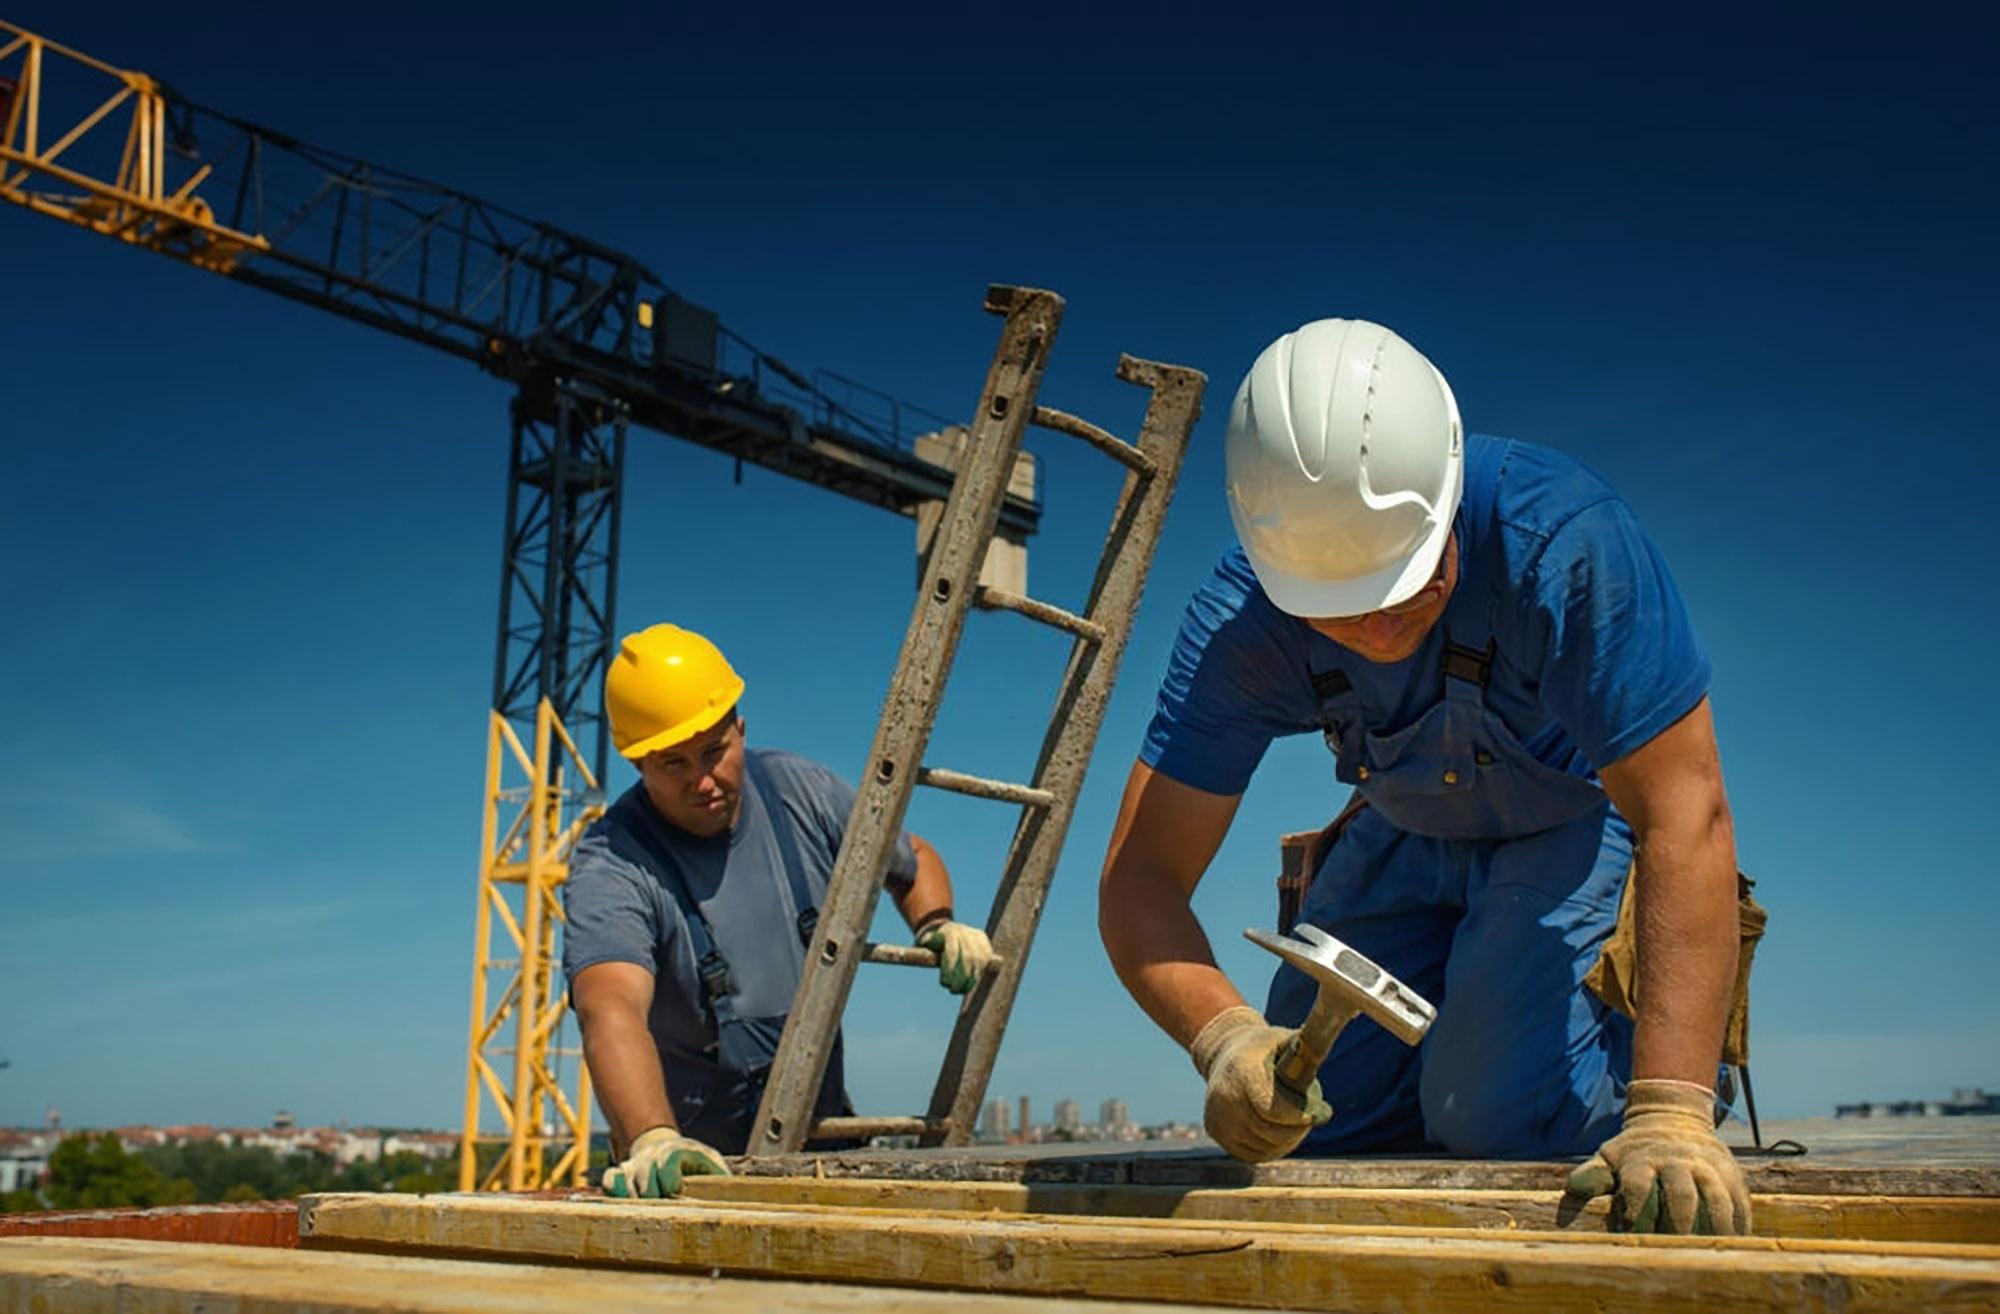 Работа по прогреву бетона в москве купить кислотный краситель для бетона в спб